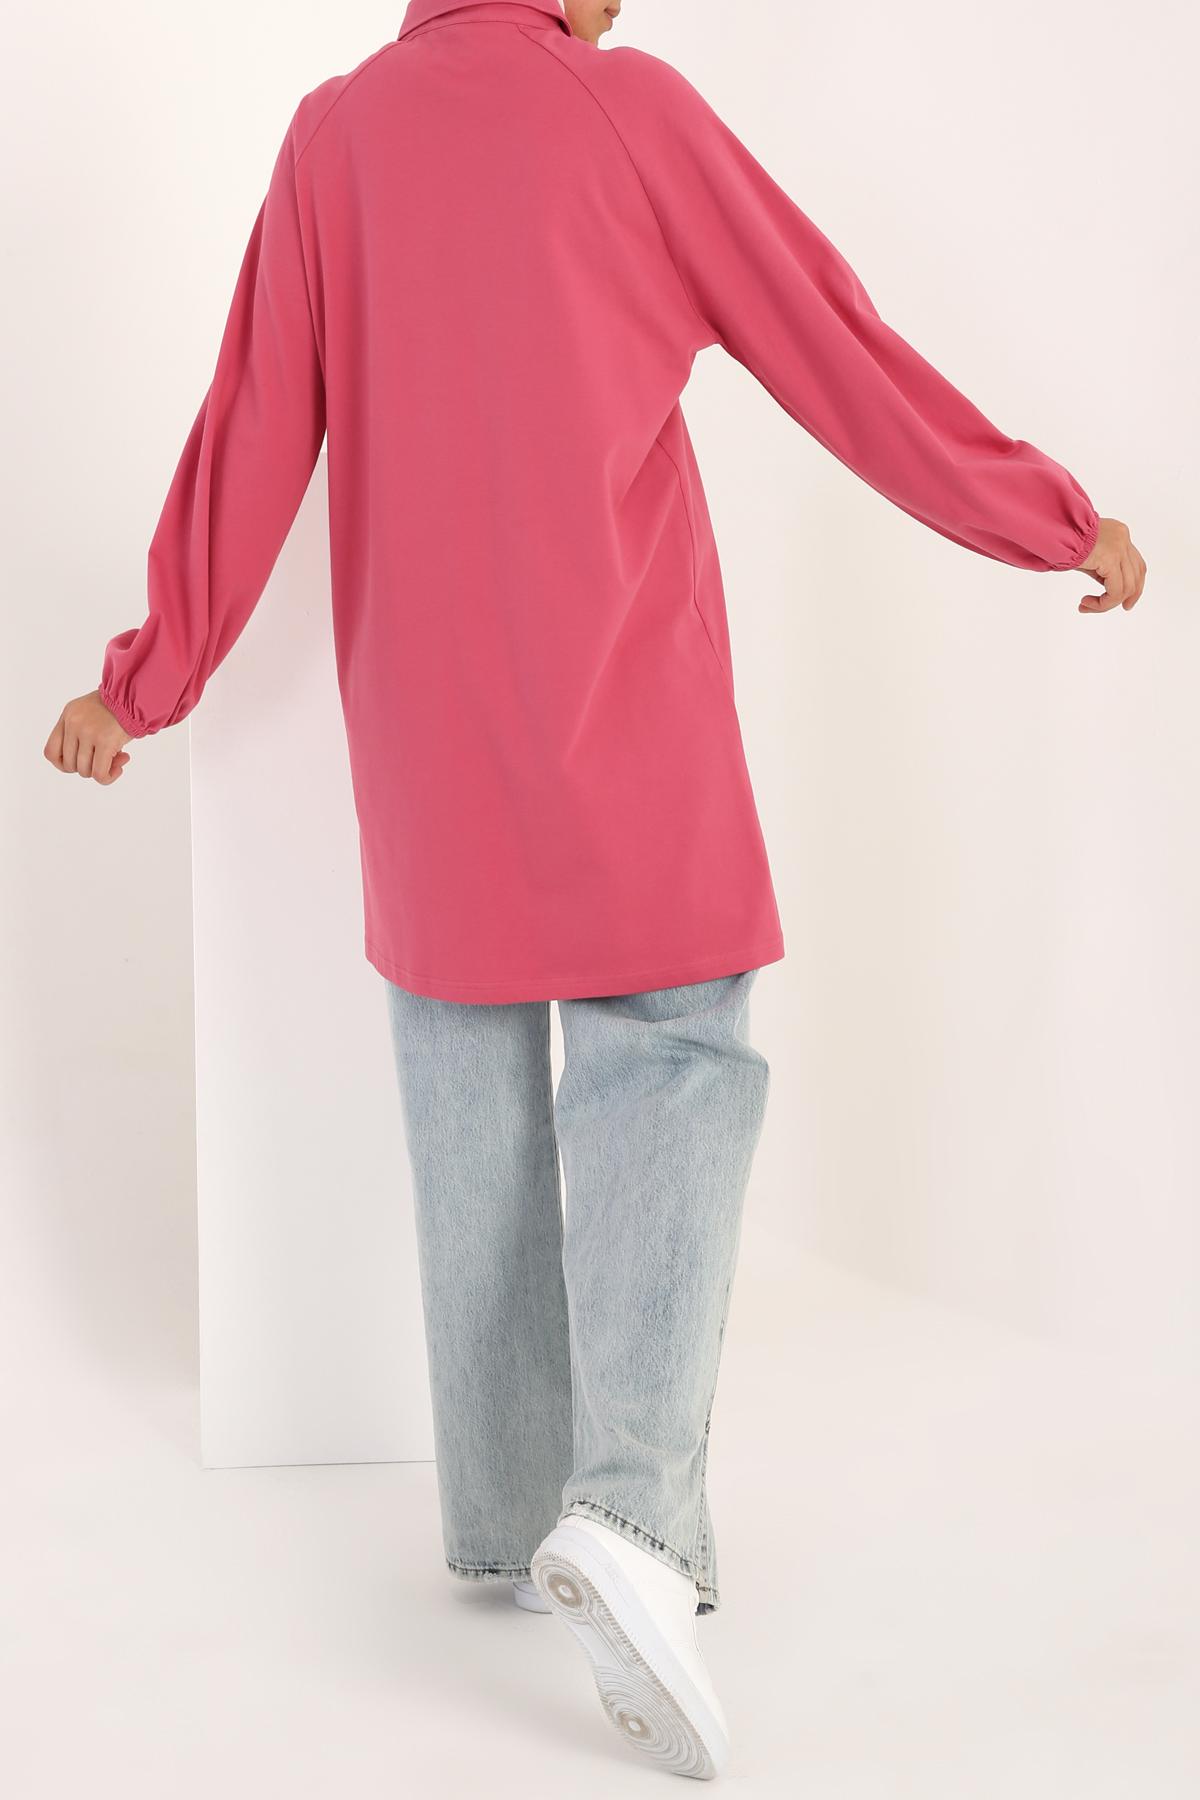 Balloon Sleeve Cotton Shirt Tunic